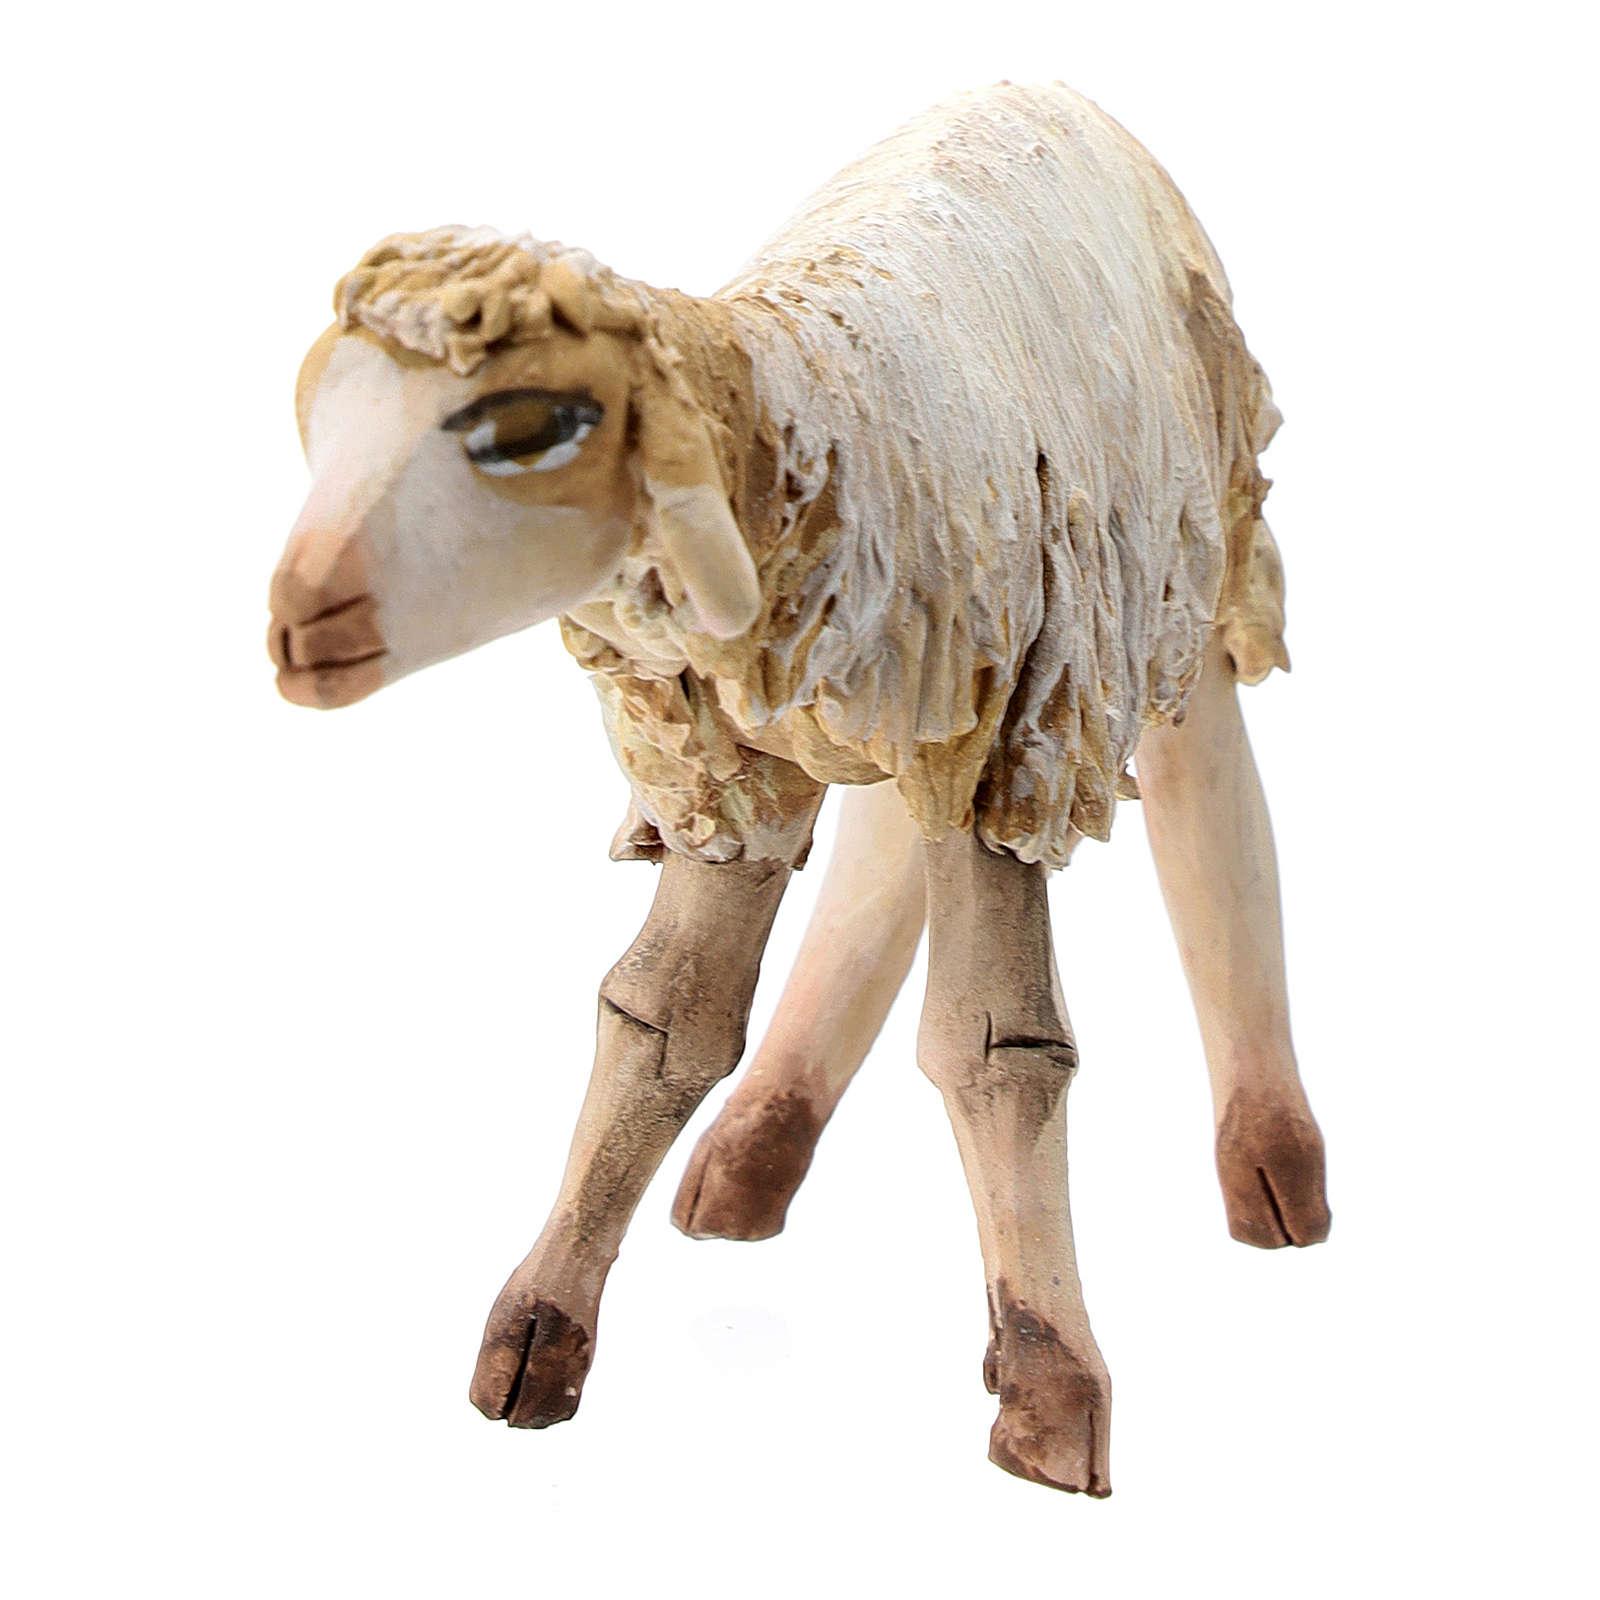 Mouton terre cuite debout 13 cm Angela Tripi 4